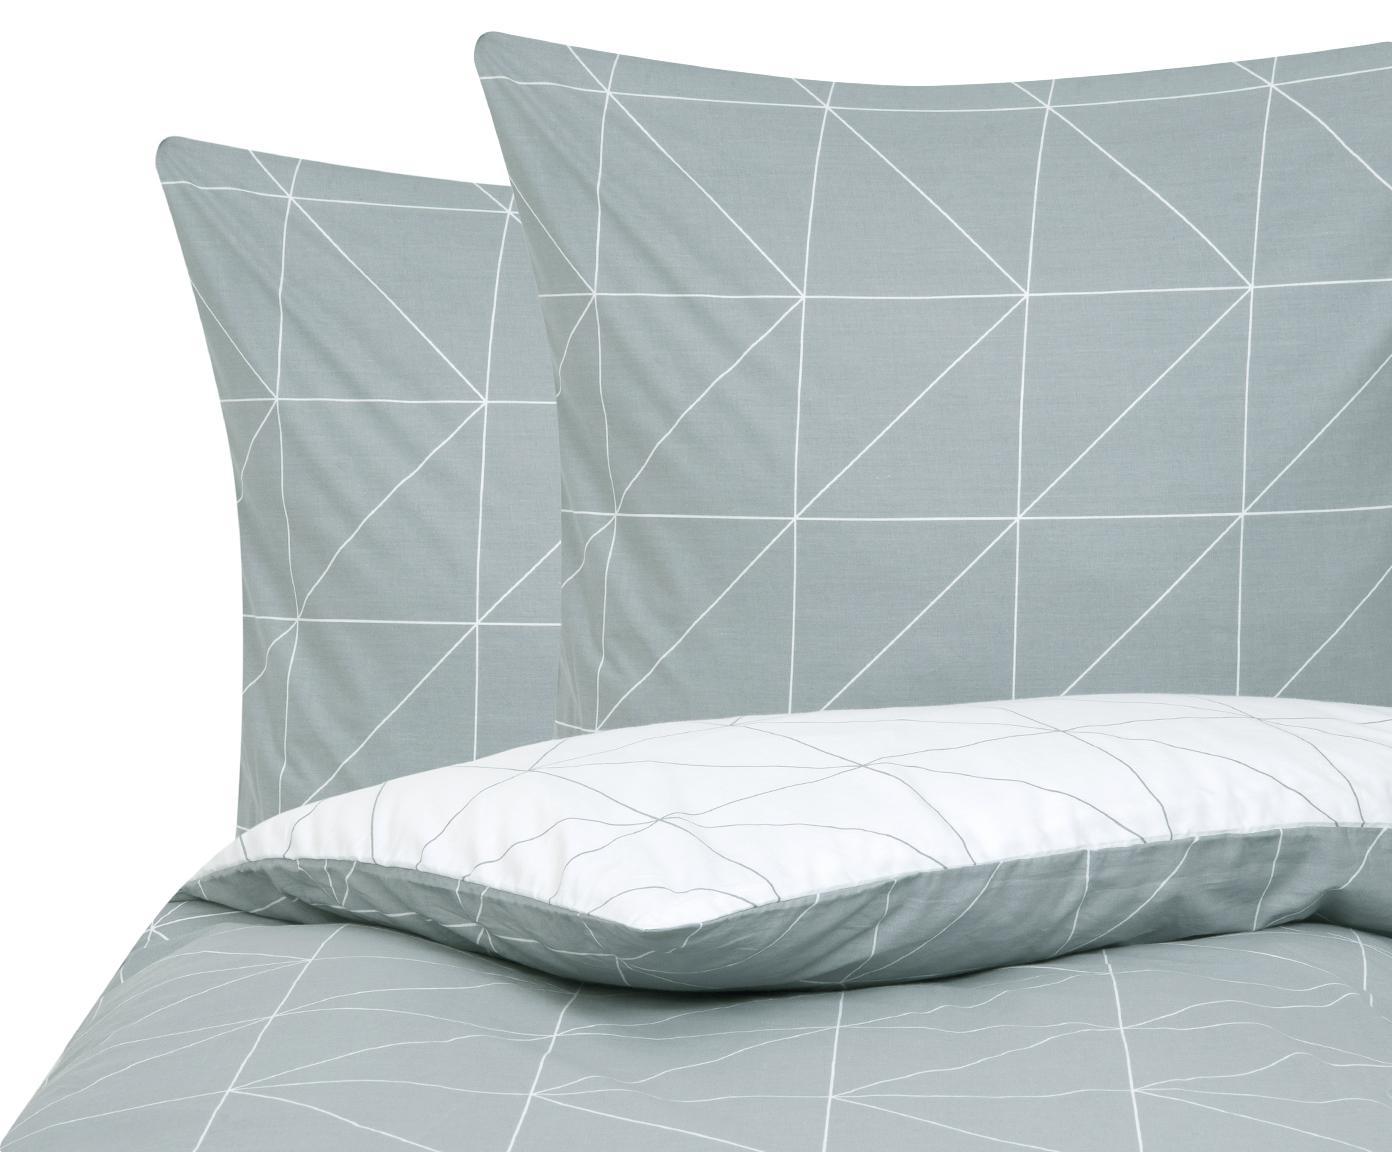 Baumwoll-Wendebettwäsche Marla mit grafischem Muster, Webart: Renforcé Fadendichte 144 , Grau, Weiß, 200 x 200 cm + 2 Kissen 80 x 80 cm